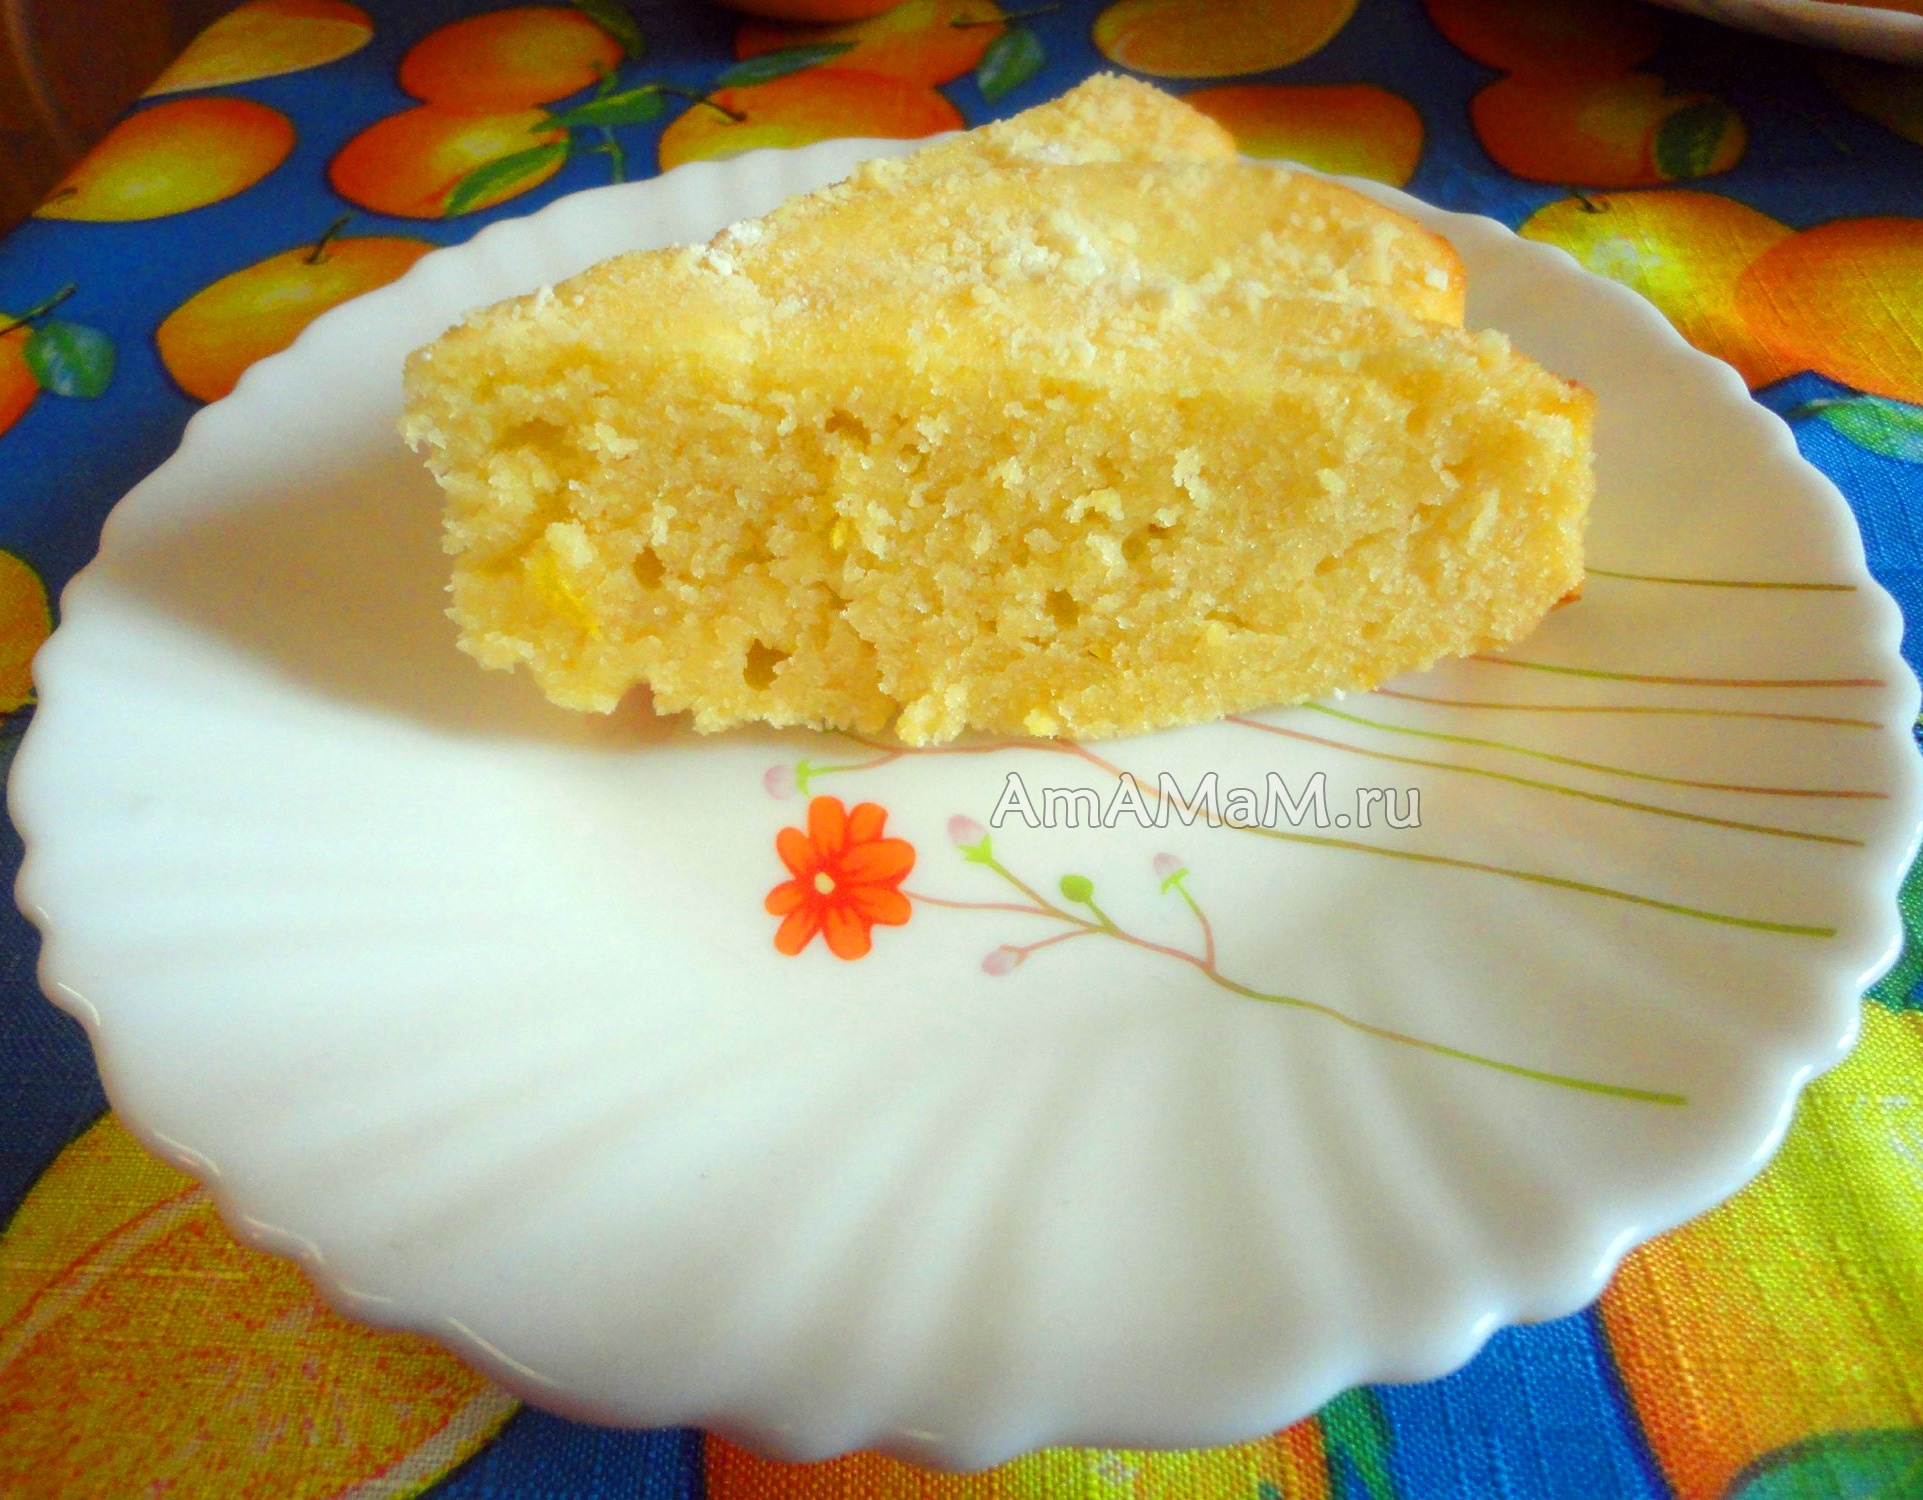 Пирог из апельсина рецепт пошагово